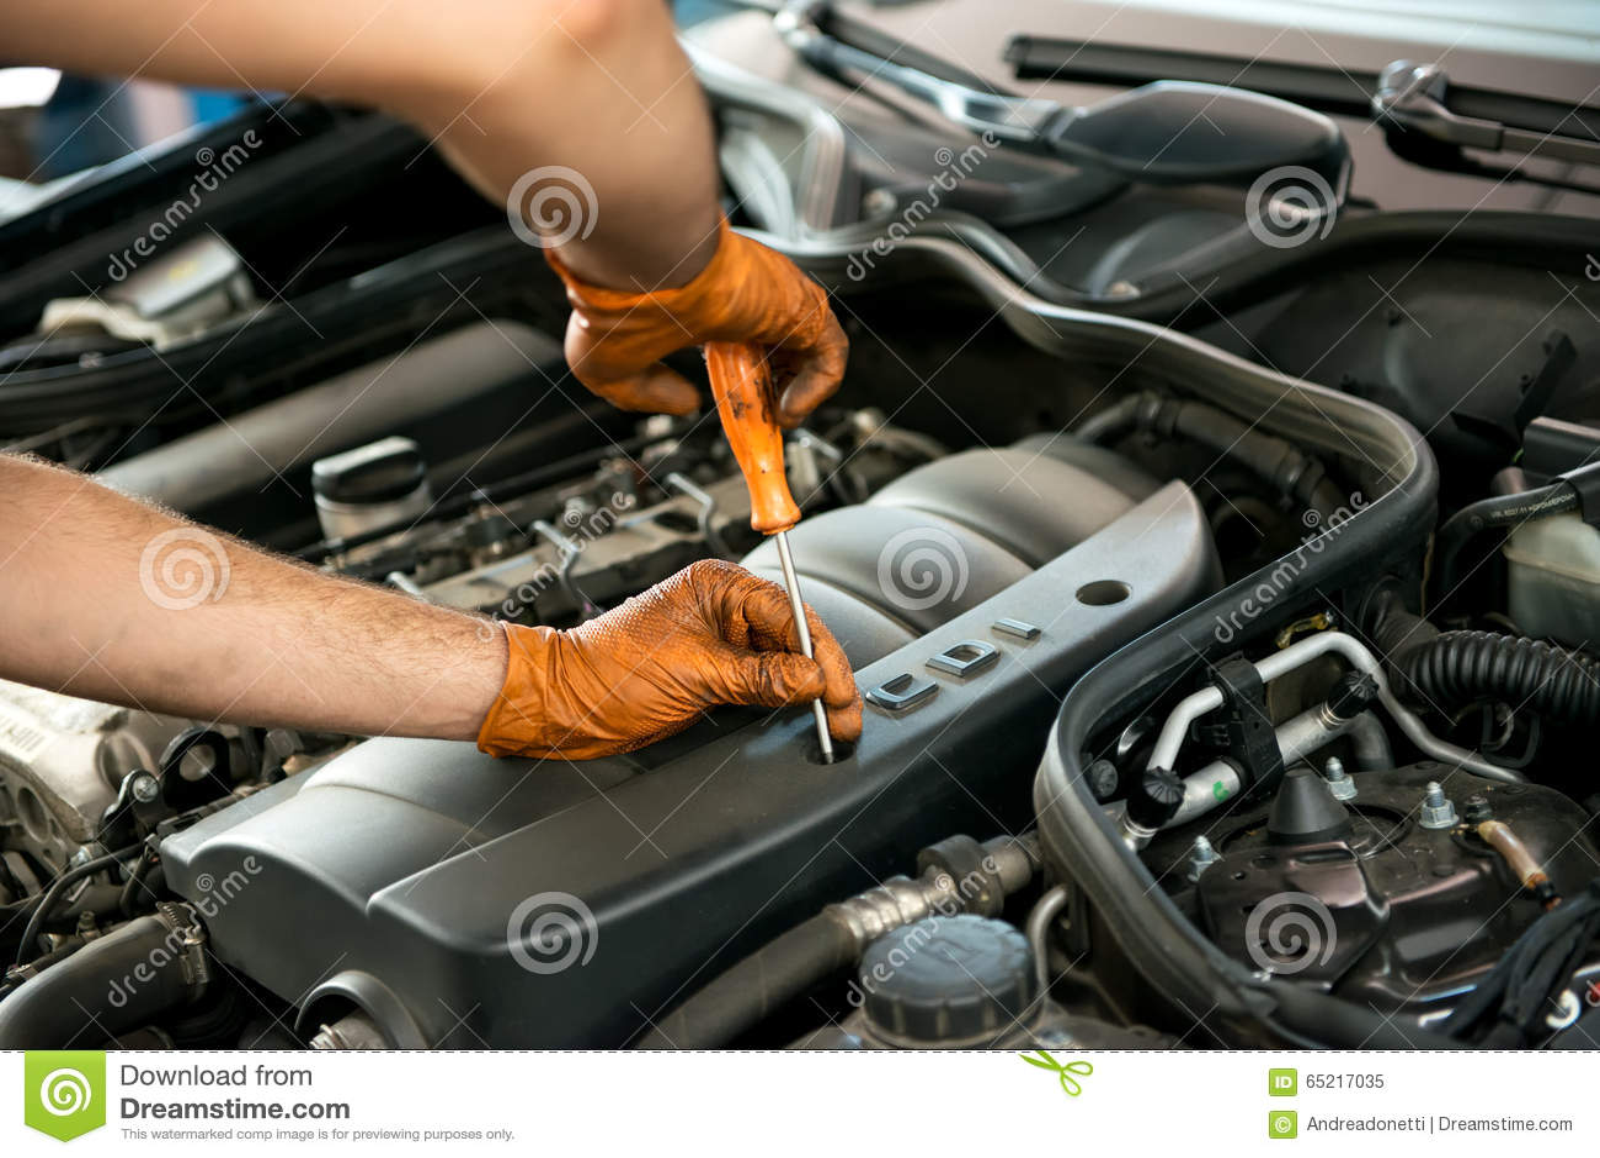 Repairing Car At Dealer